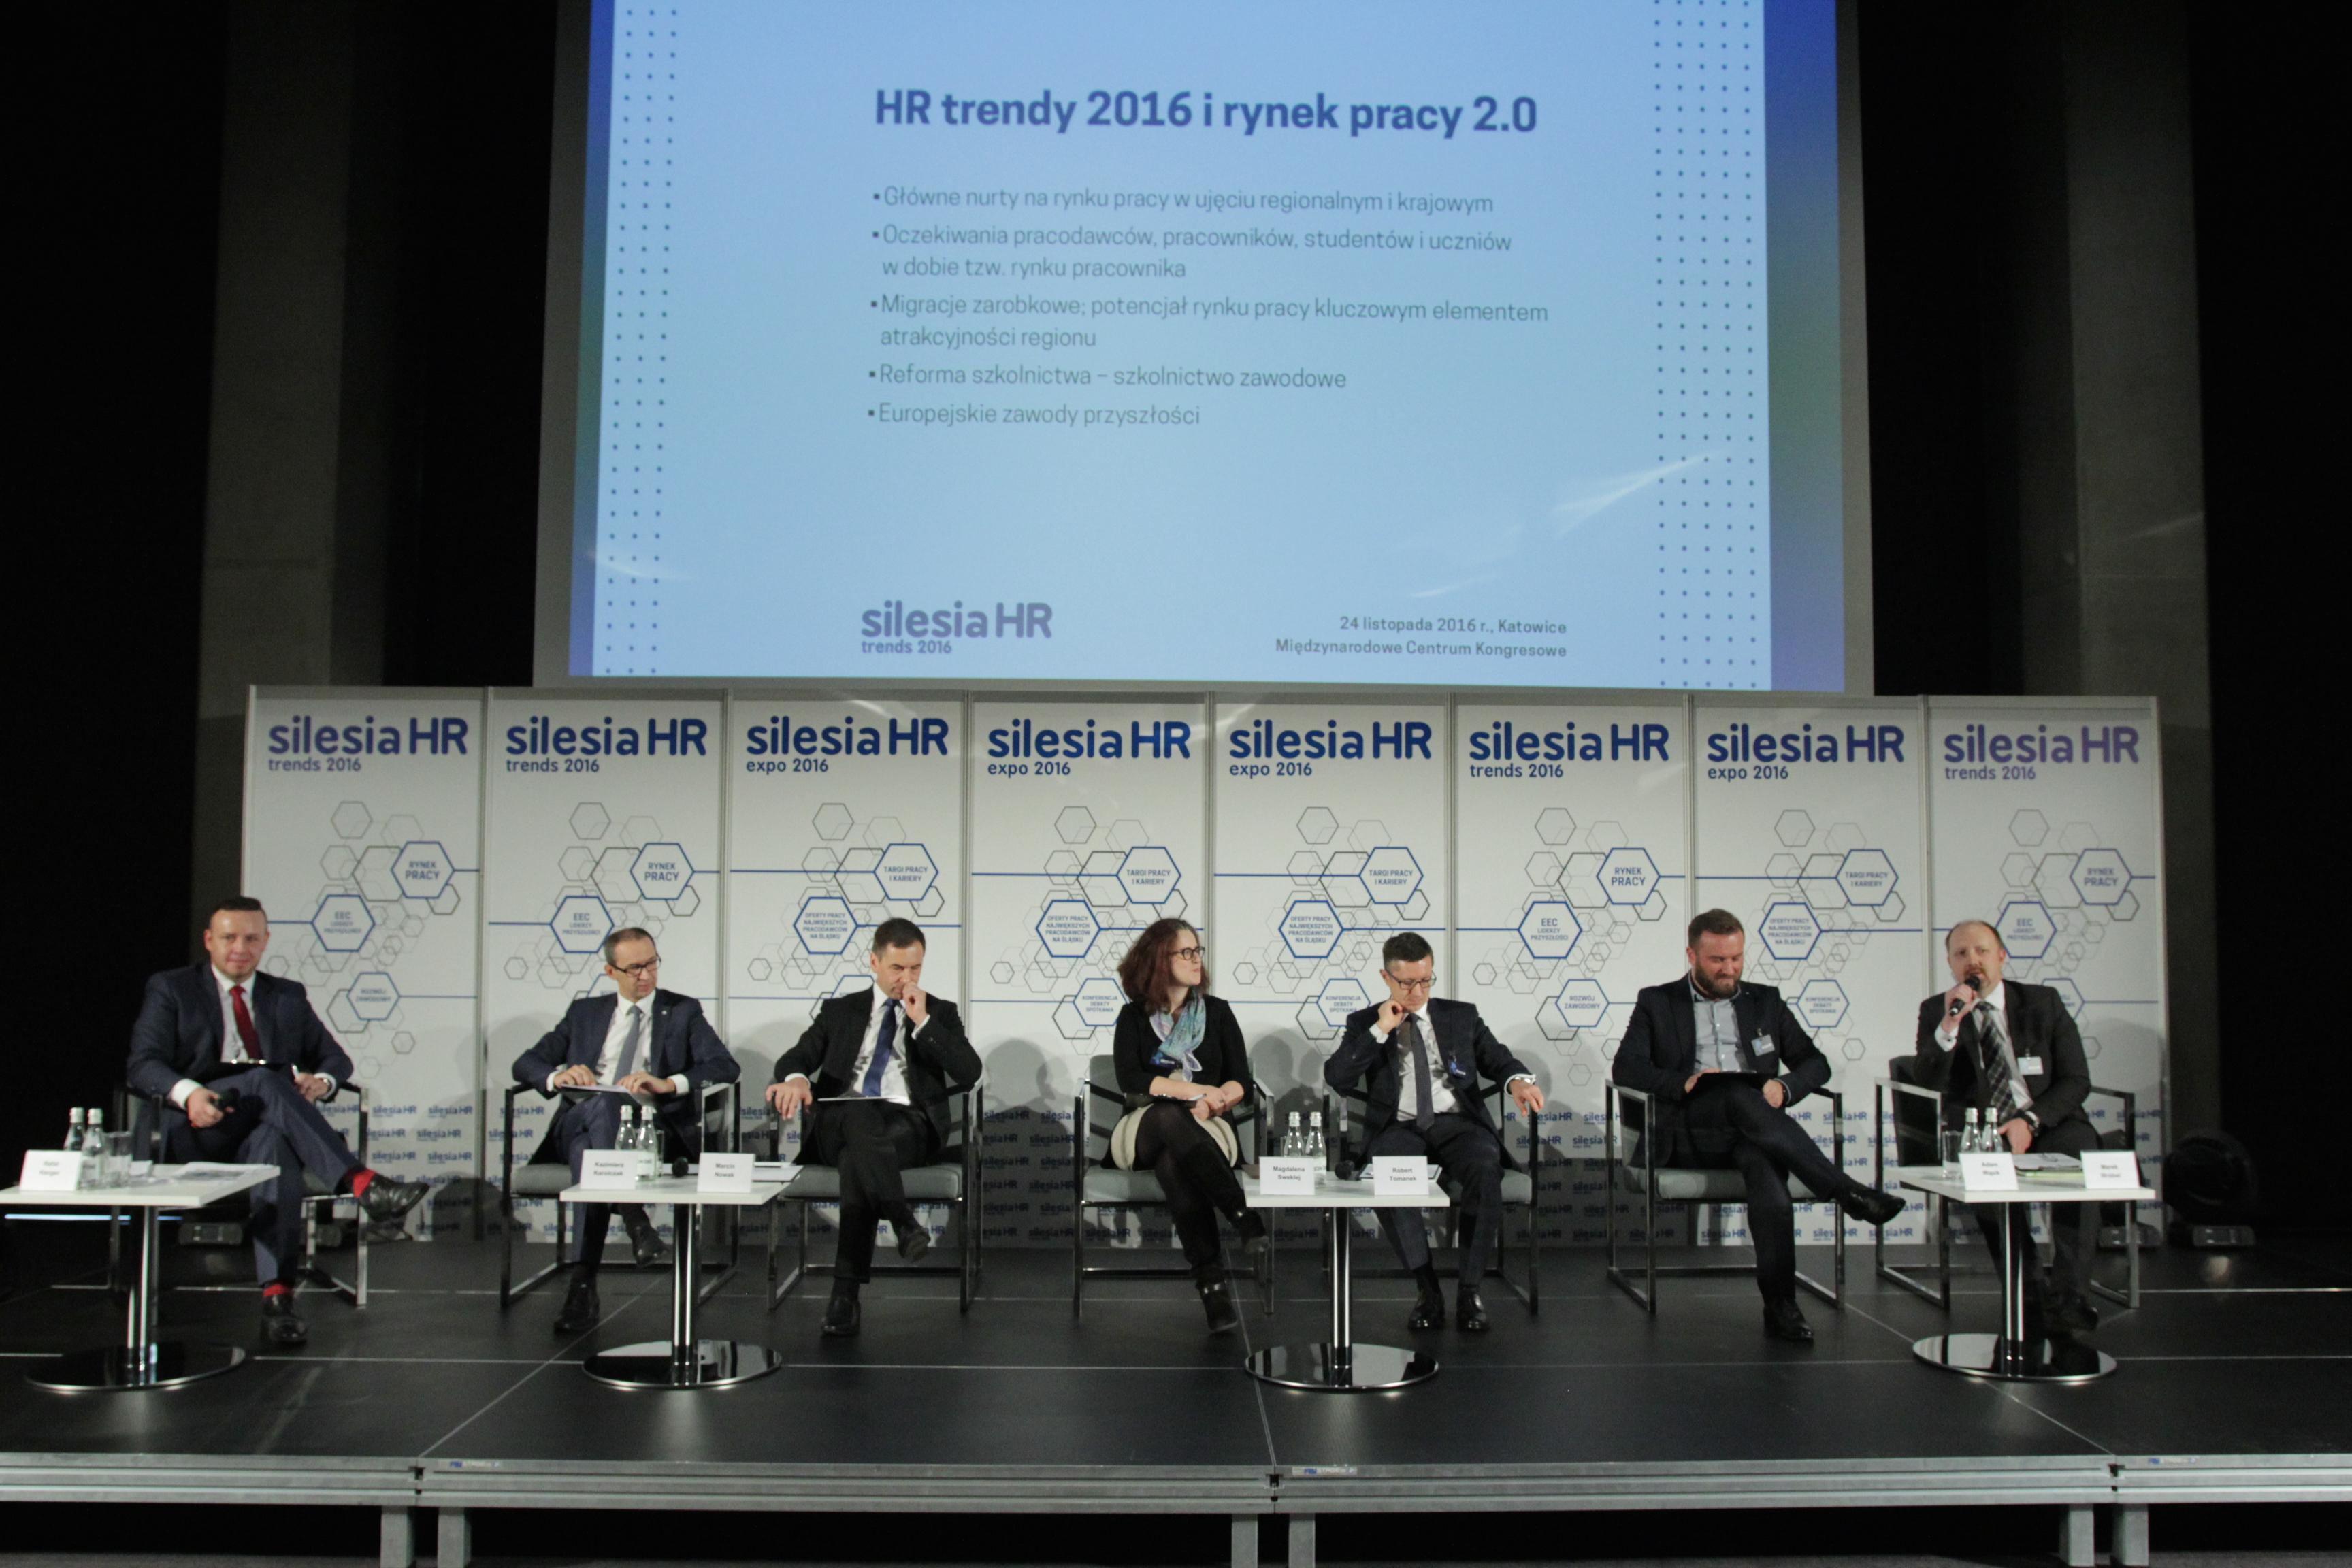 Sesja inauguracyjna Silesia HR Trends: HR trendy 2016 i rynek pracy 2.0 (Fot. PTWP)